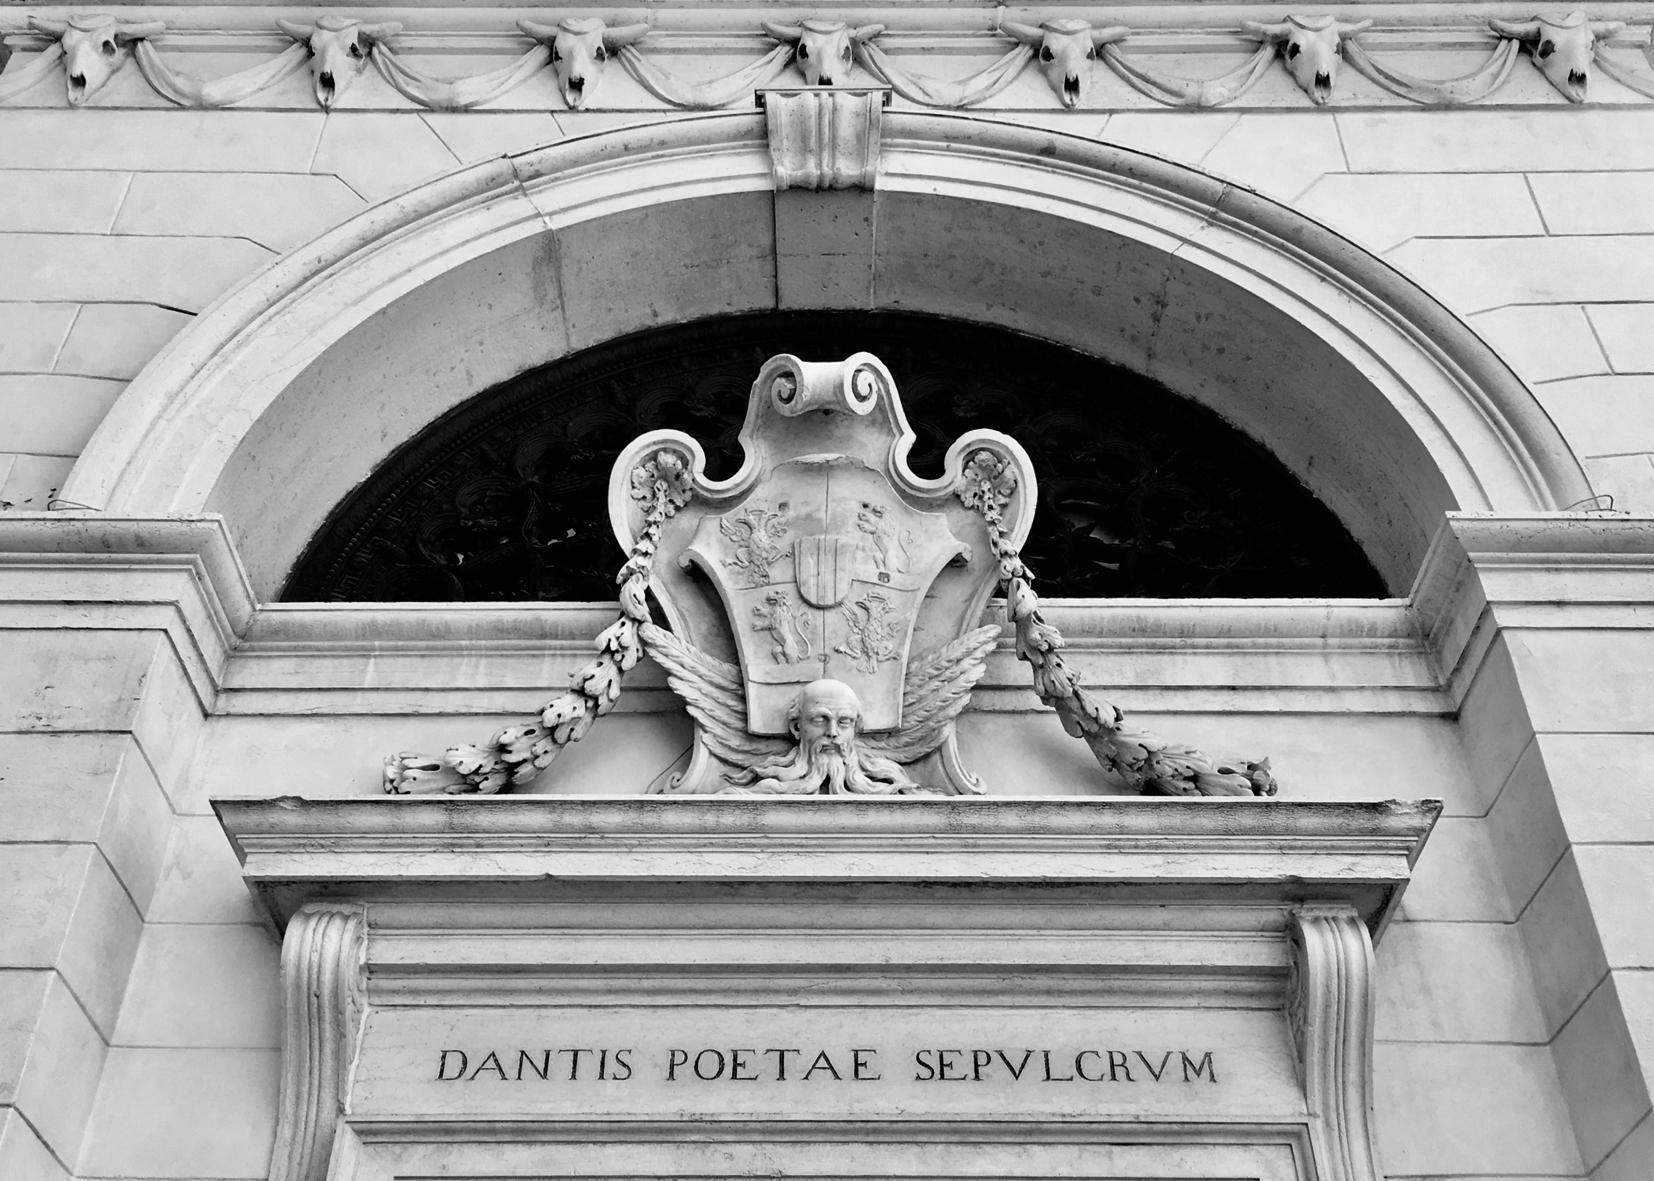 Sepolcro Di Dante